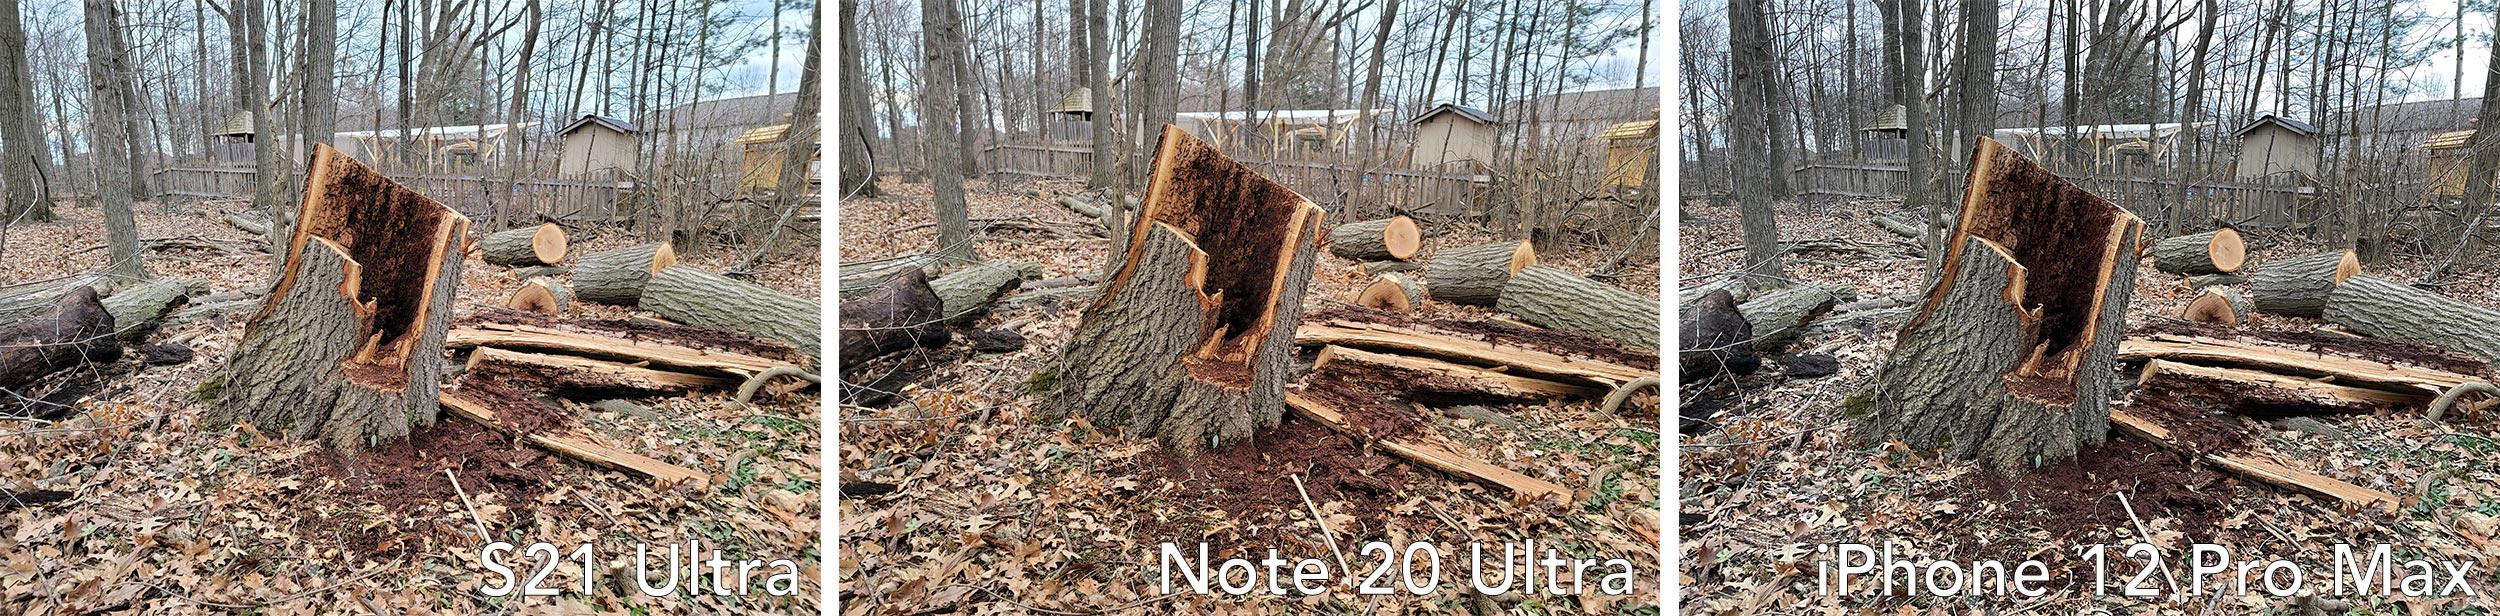 S21 Ultra vs Note 20 Ultra vs iPhone 12 Pro Max camera comparison